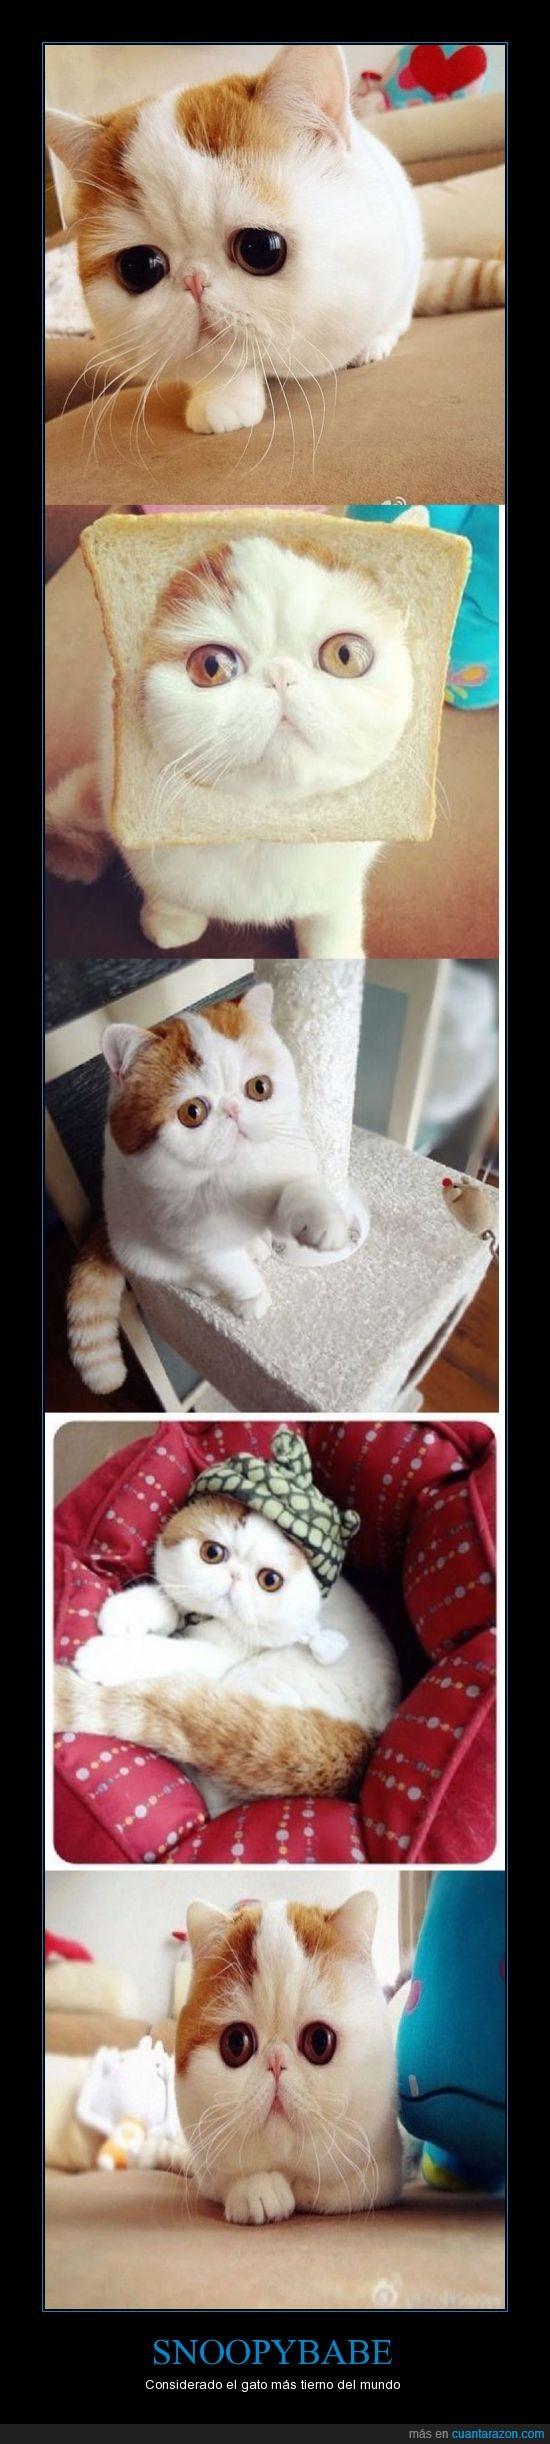 años,china,dos,gato,mas,mundo,tiene,tierno